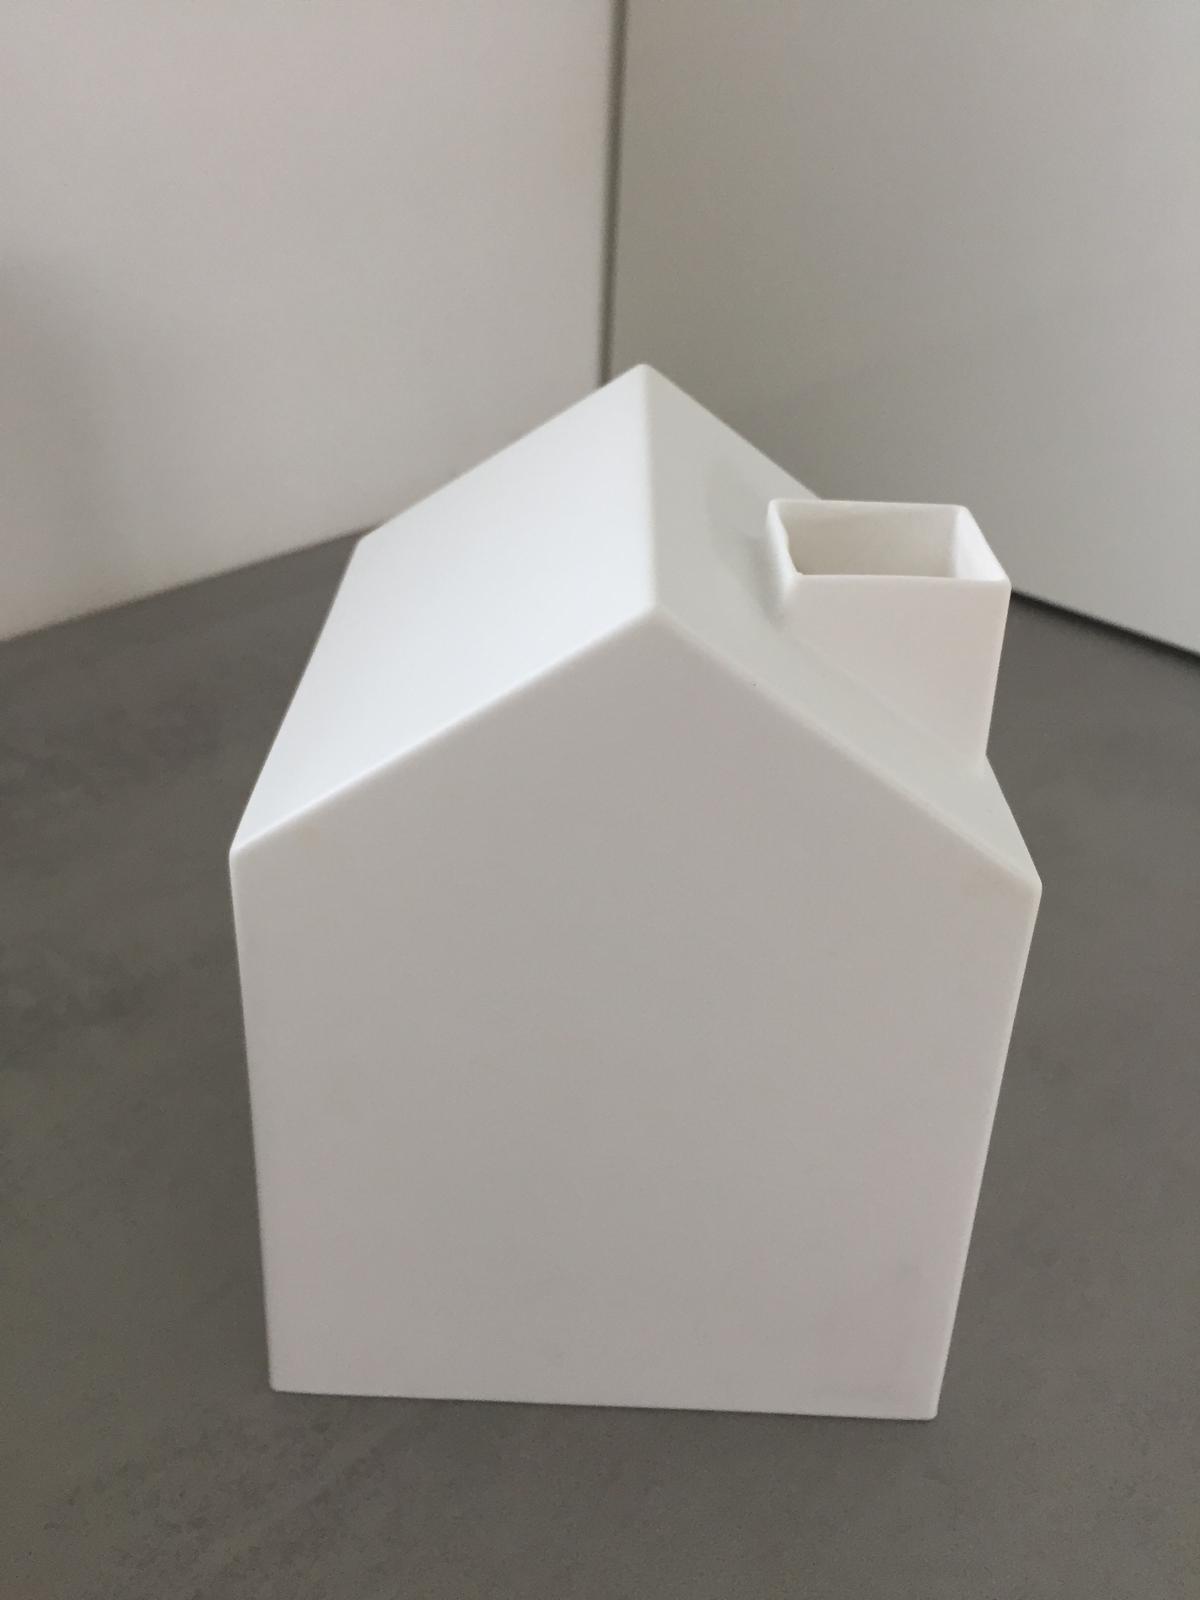 Krabička na papírové kapesníky Domeček - Obrázok č. 1